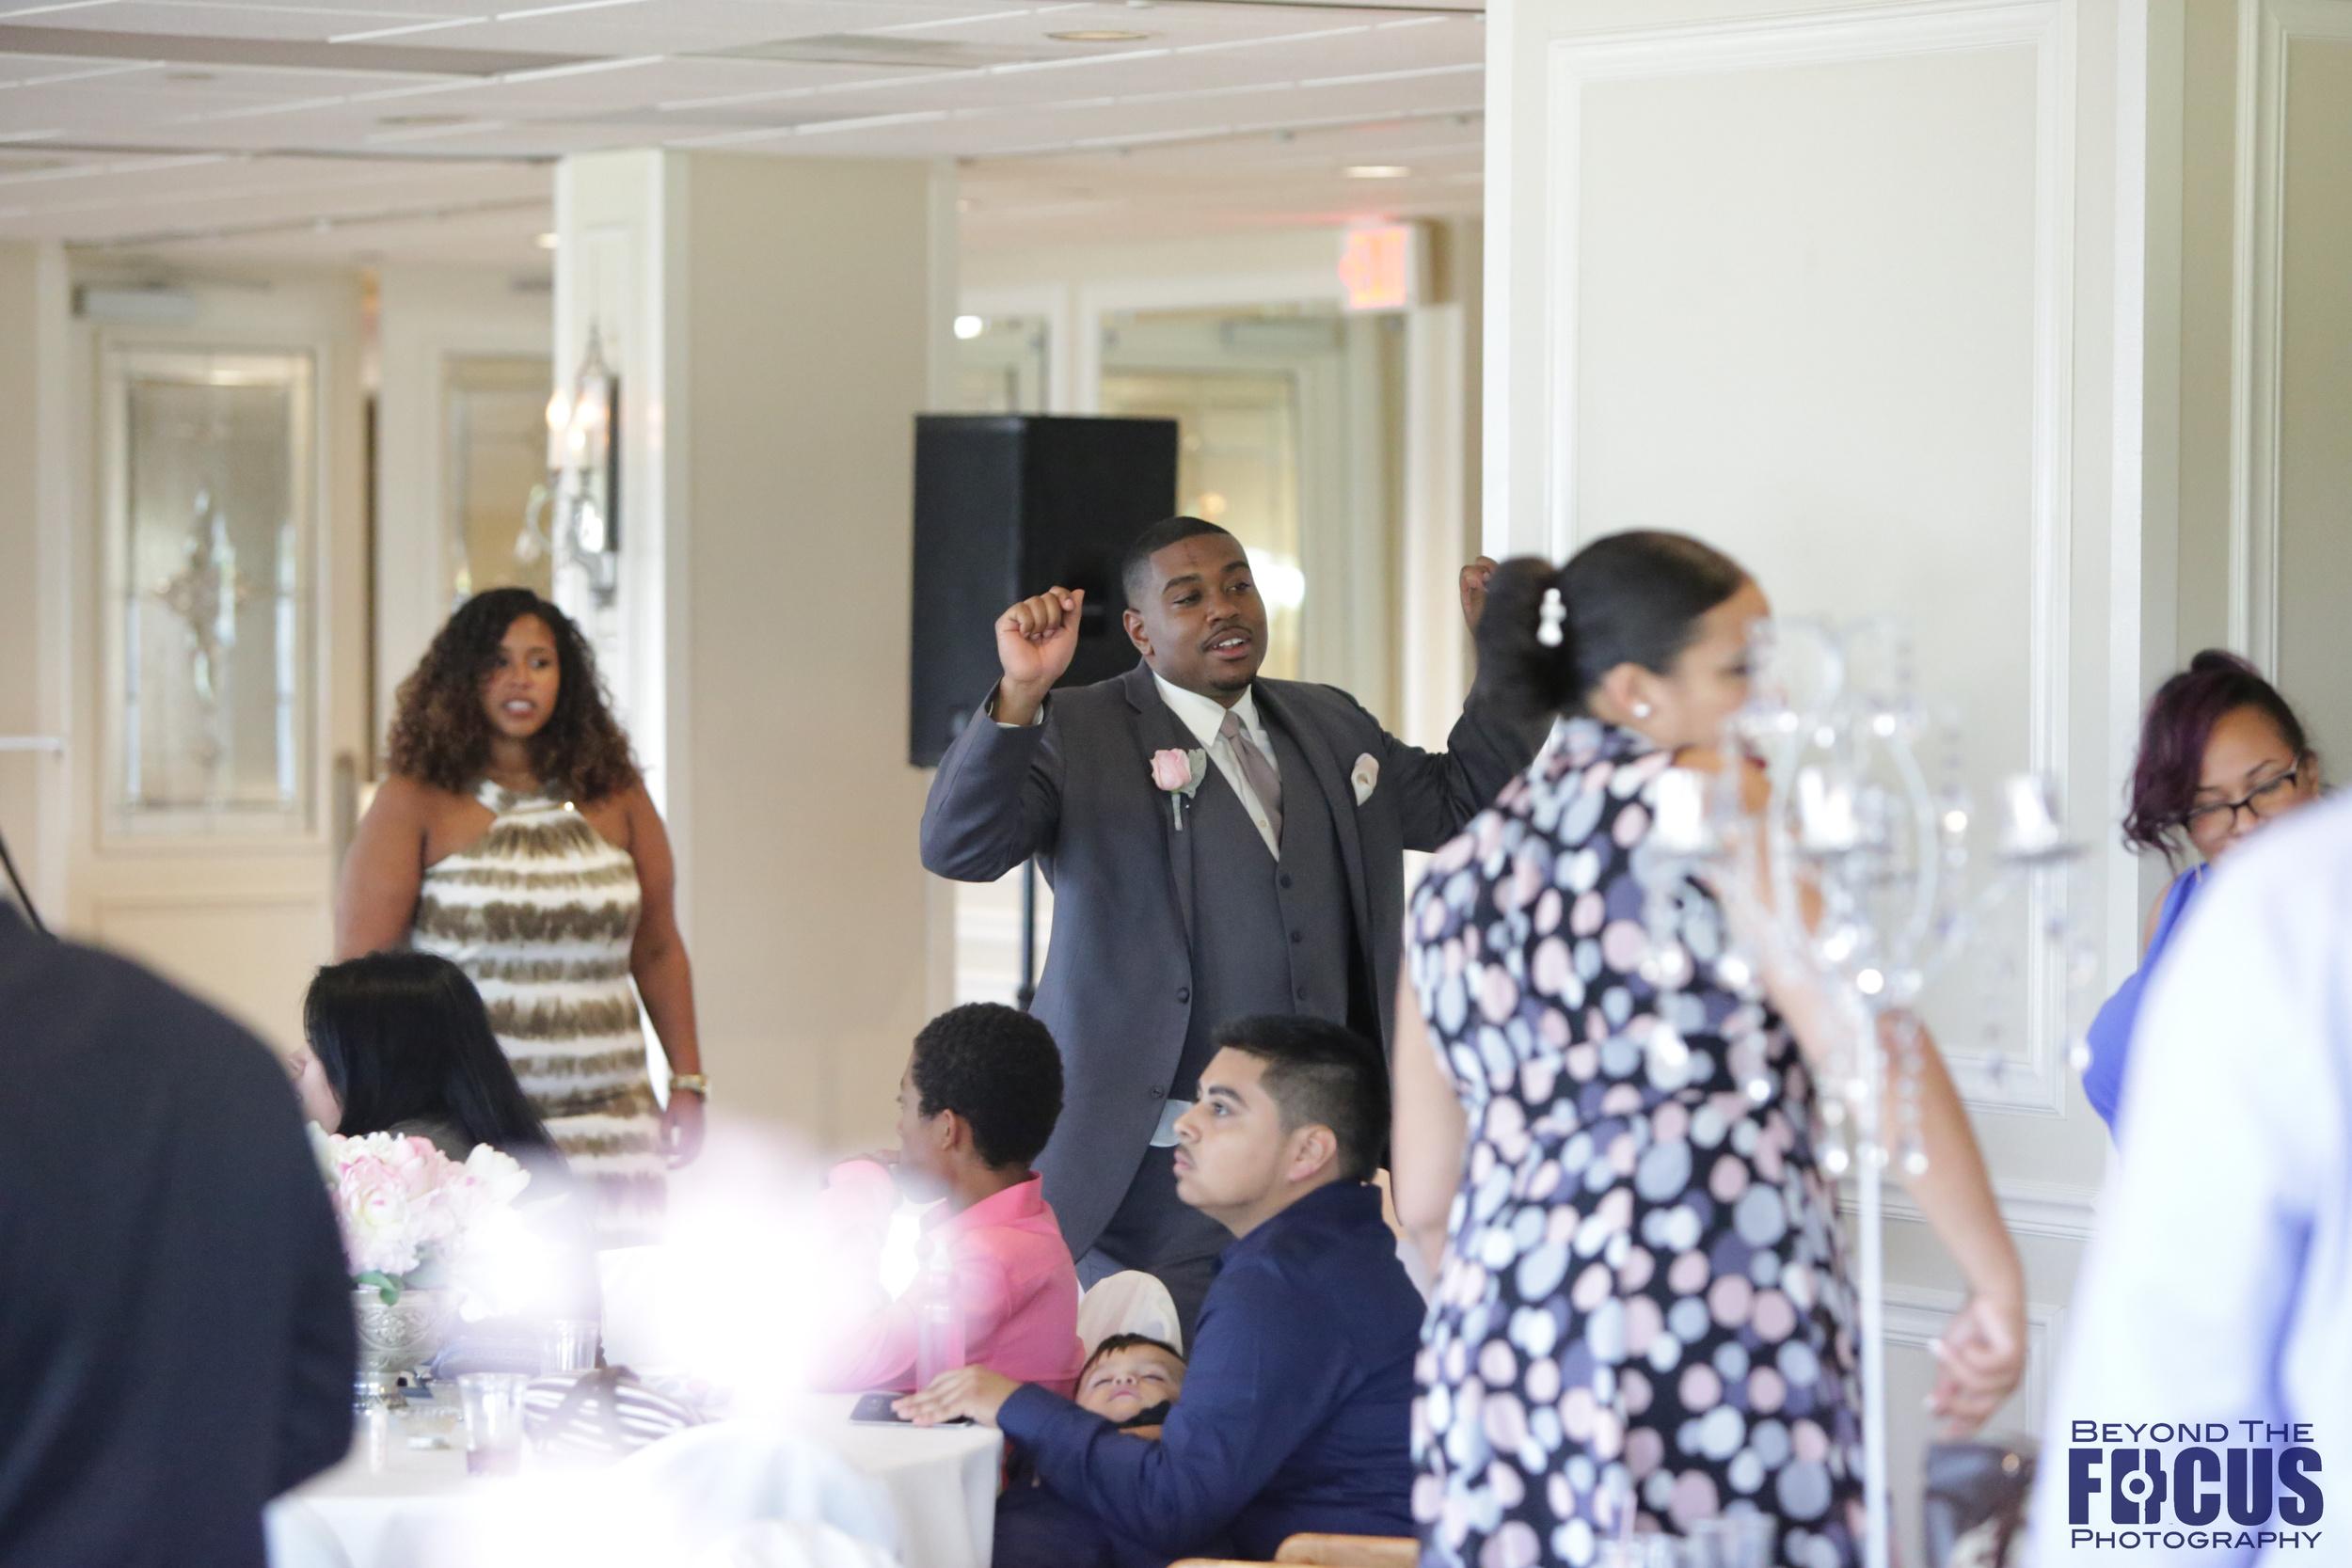 Palmer Wedding - Reception 244.jpg